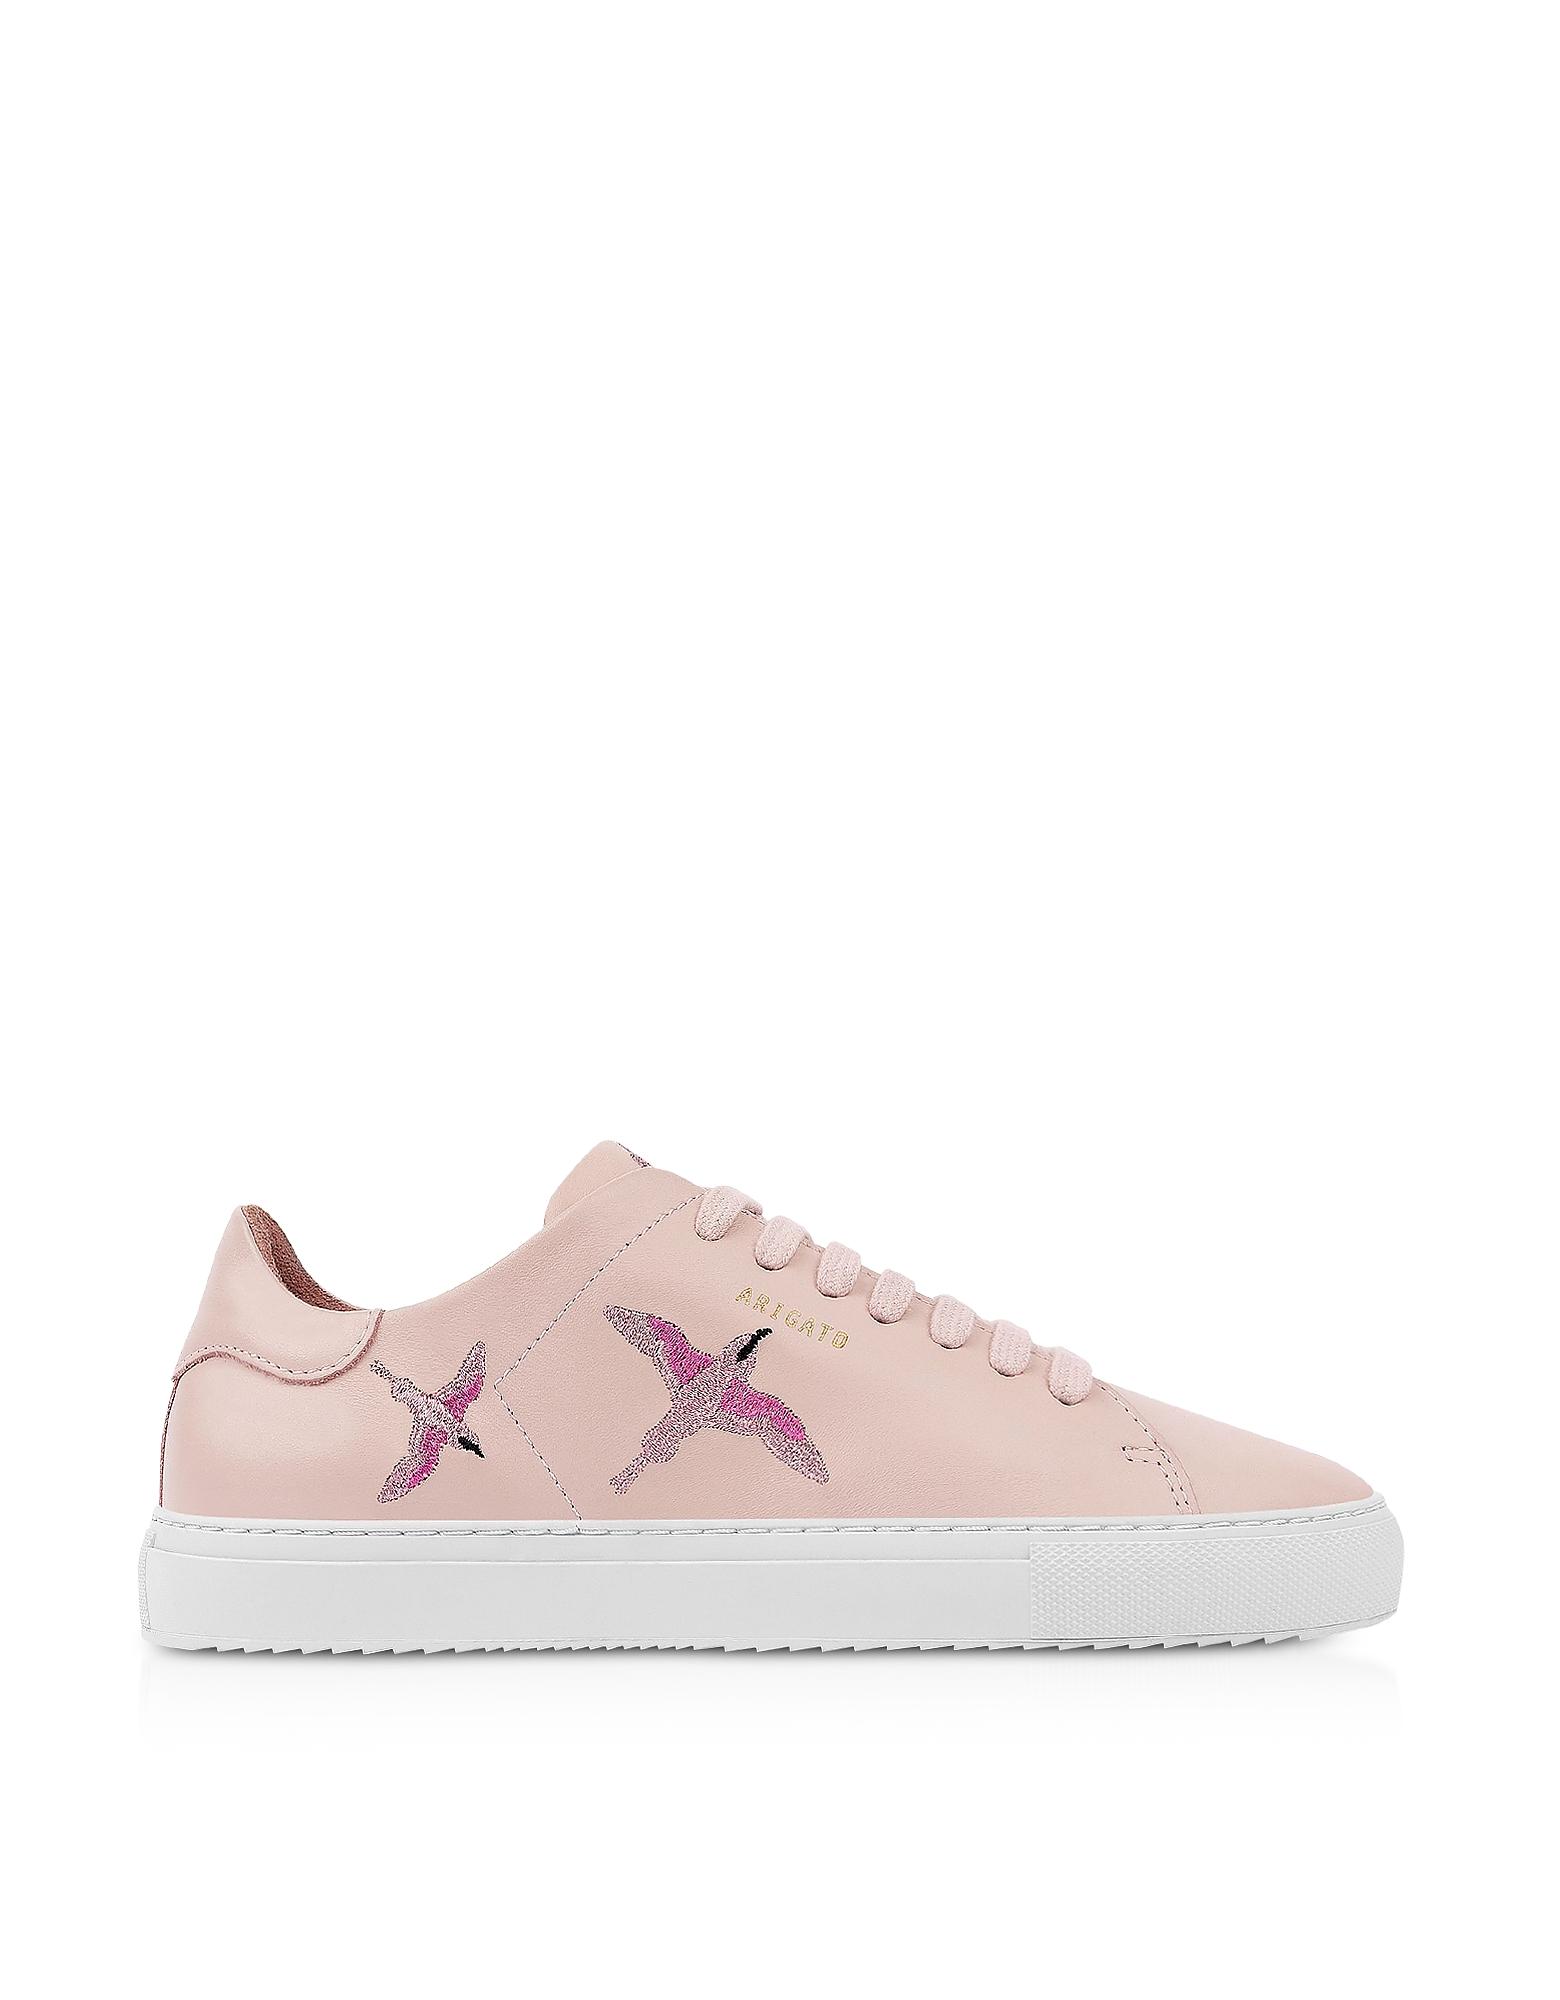 Clean 90 Bird Dusty Pink Leather Women's Sneakers